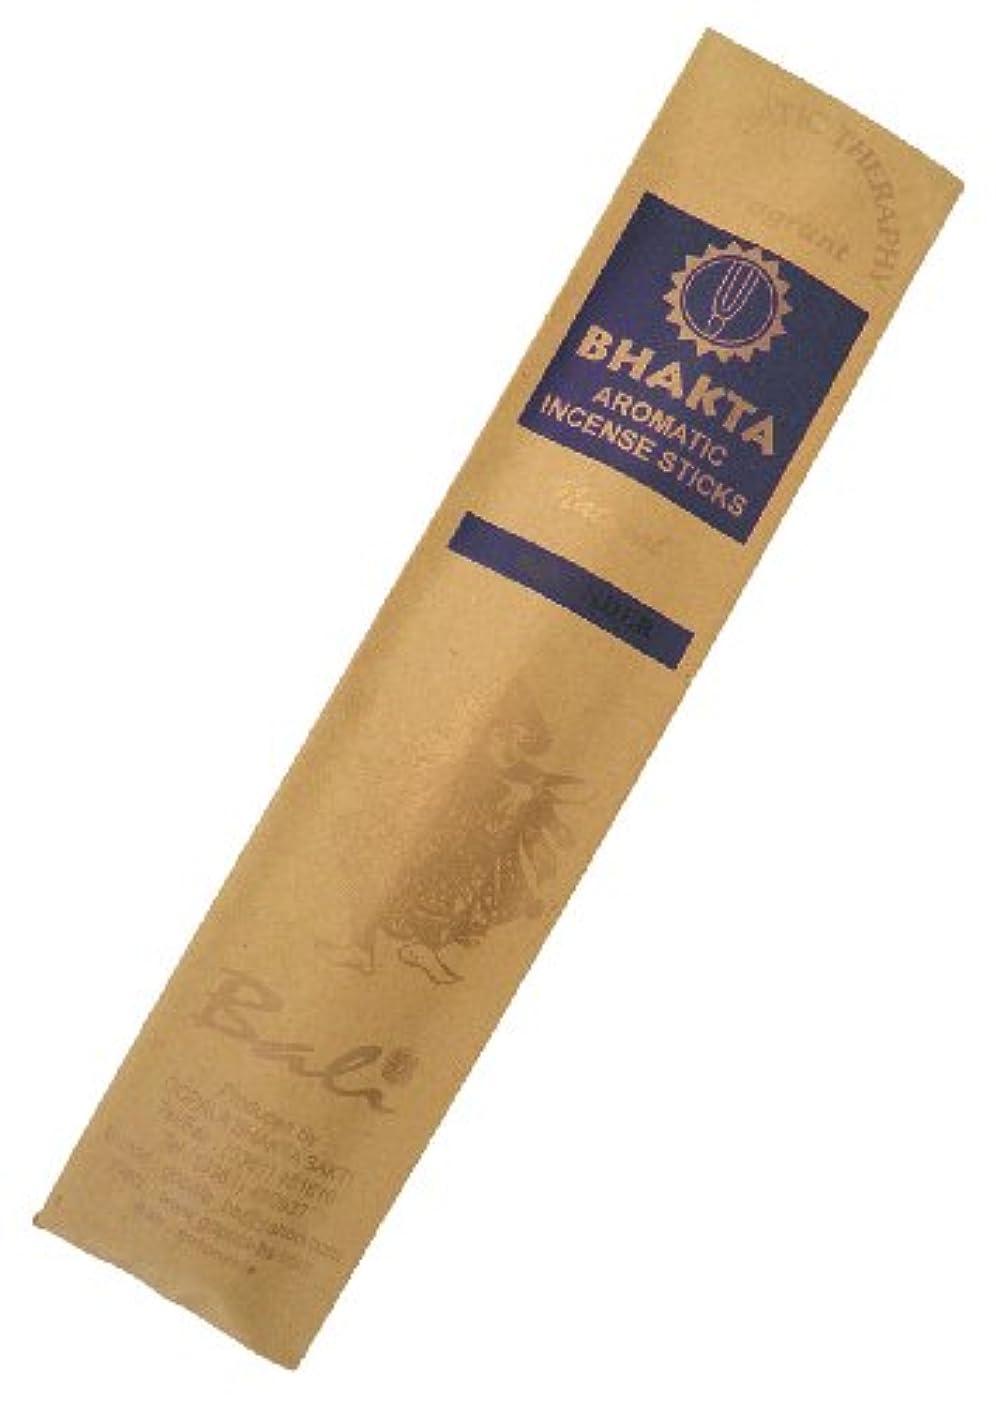 校長忙しいシャークお香 BHAKTA ナチュラル スティック 香(ラベンダー)ロングタイプ インセンス[アロマセラピー 癒し リラックス 雰囲気作り]インドネシア?バリ島のお香